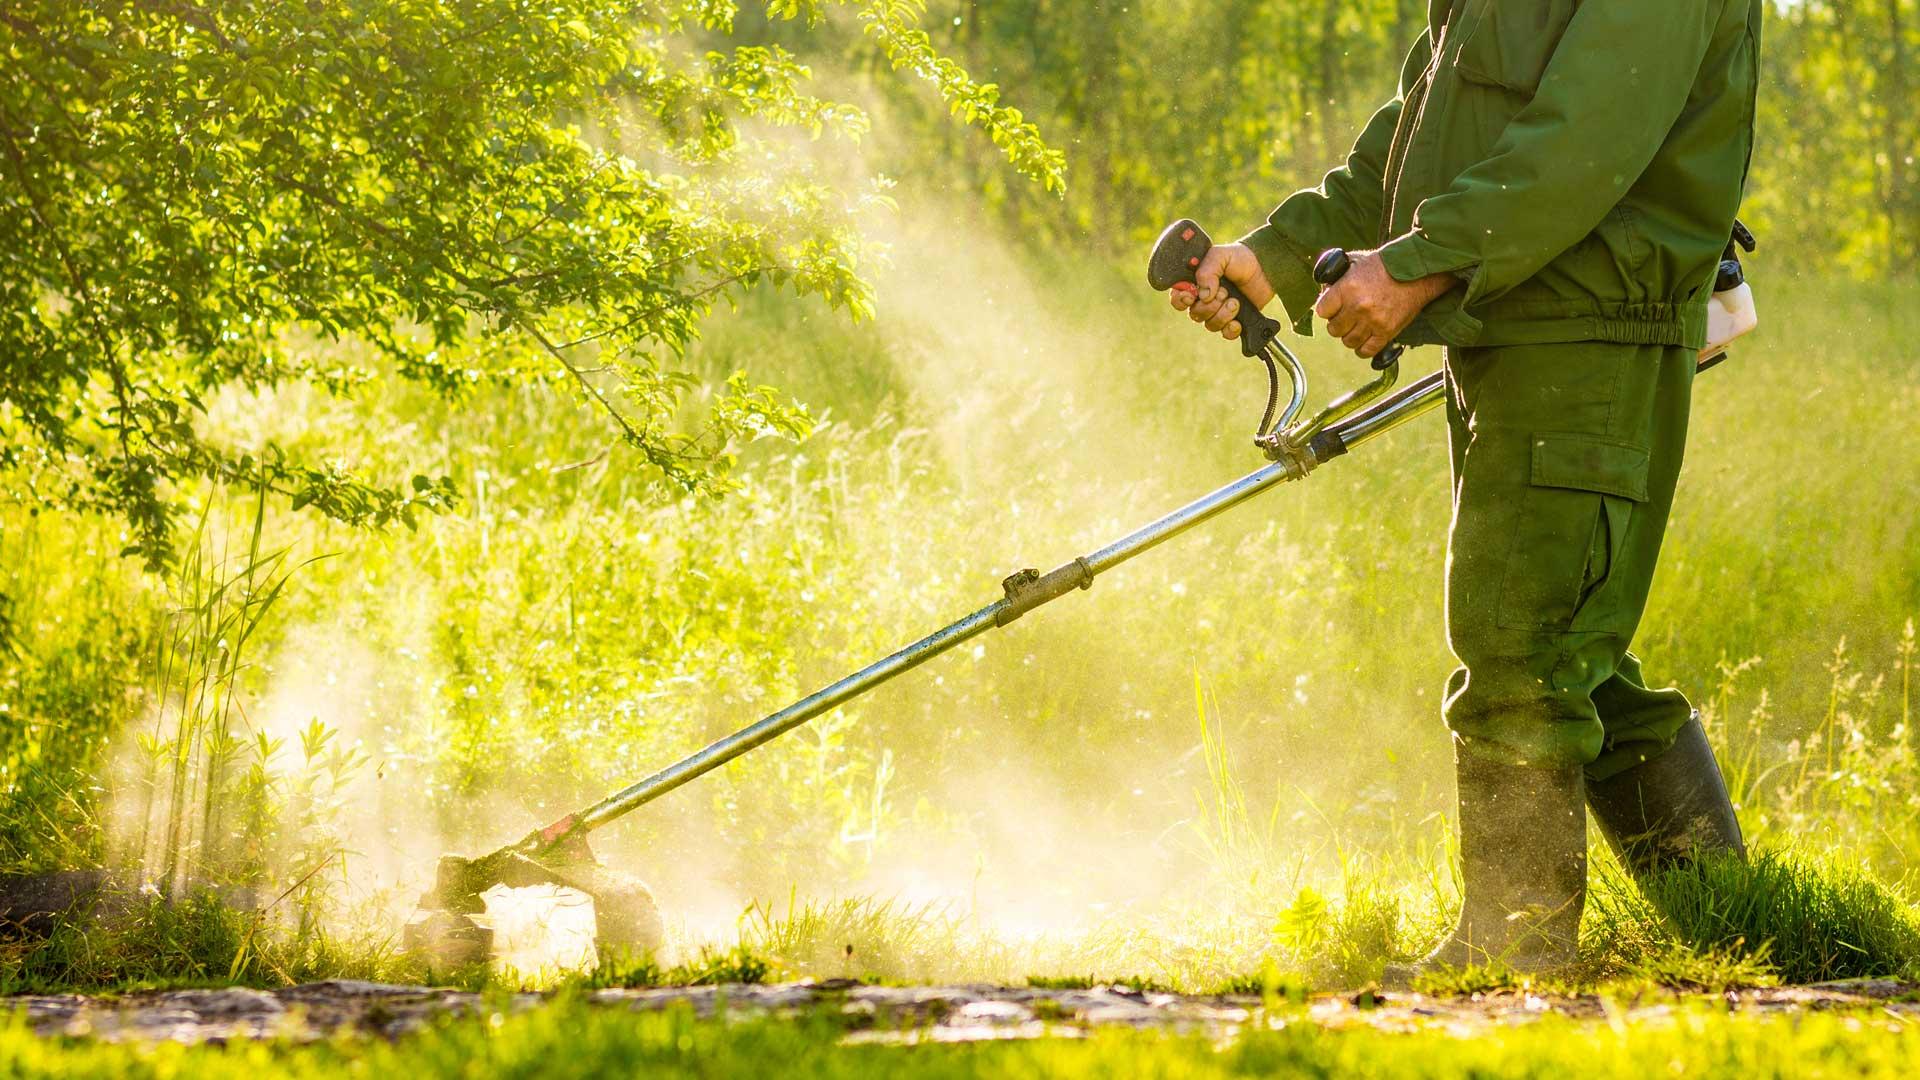 immagine rappresentativa del reparto Giardinaggio del brico ok corigliano